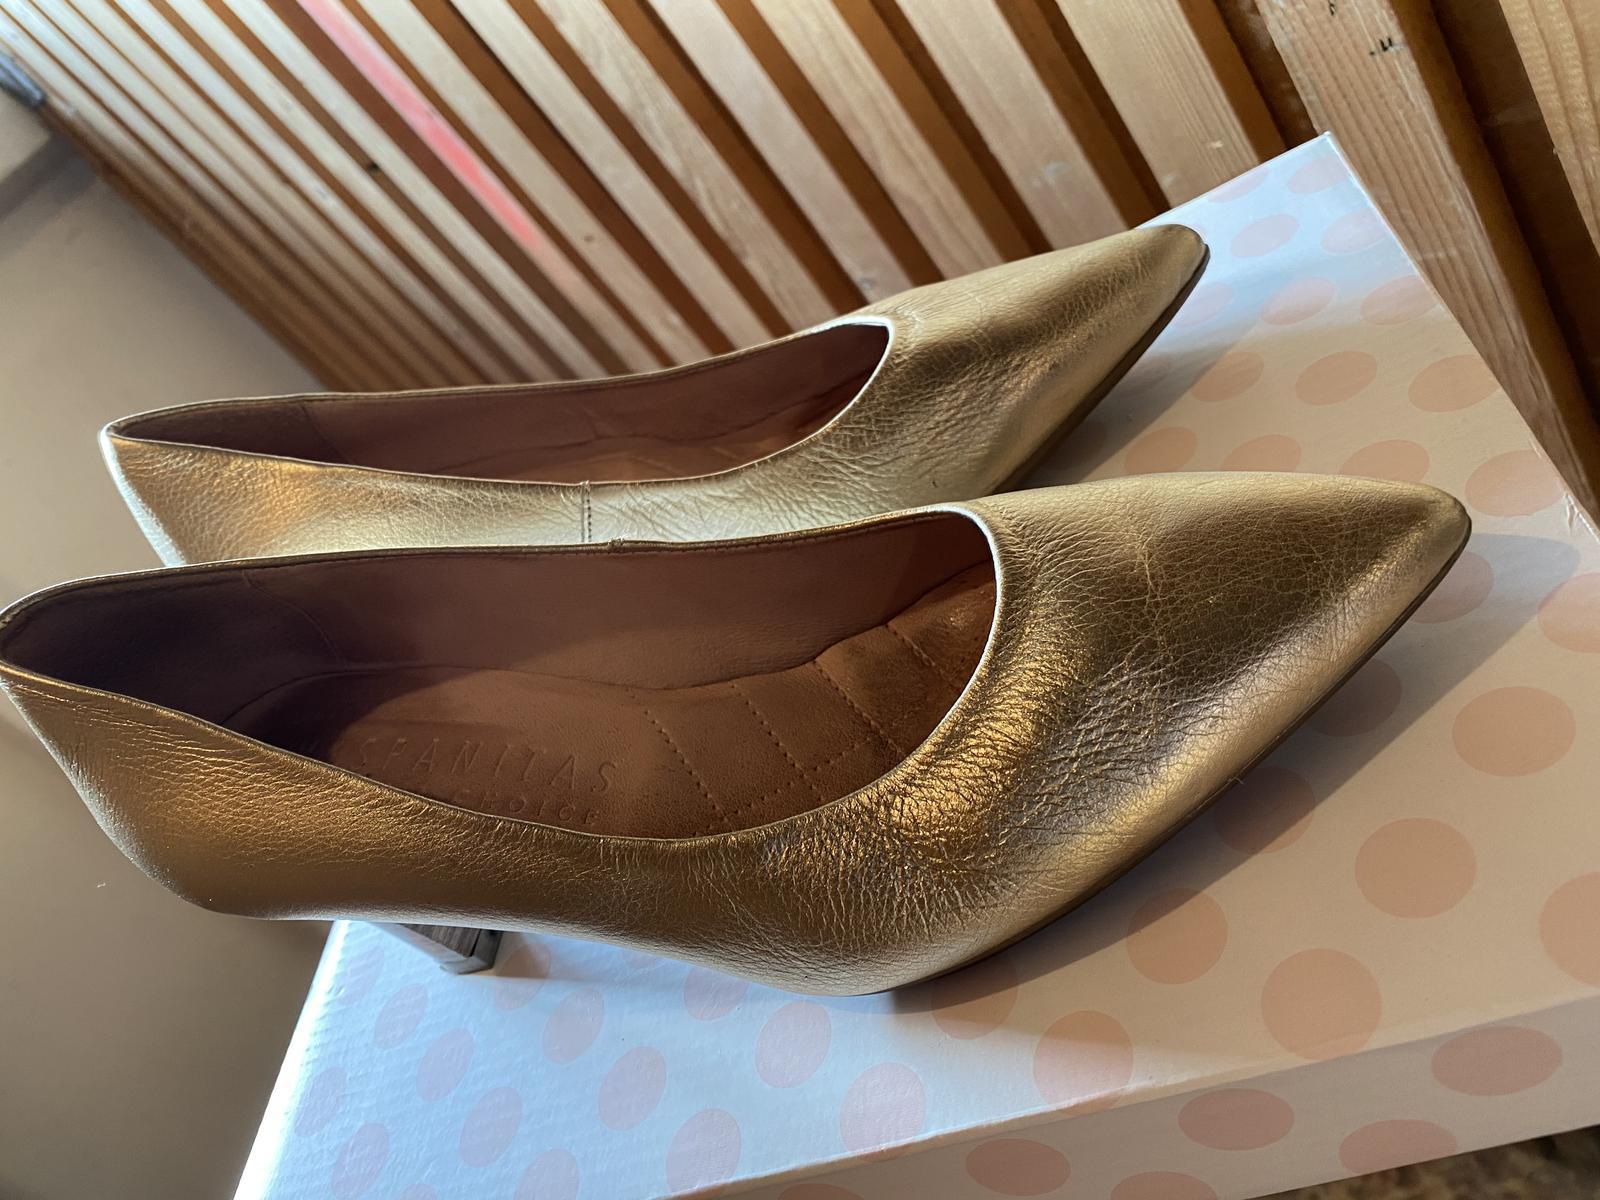 Svadobné topánky HISPANITAS - Obrázok č. 4